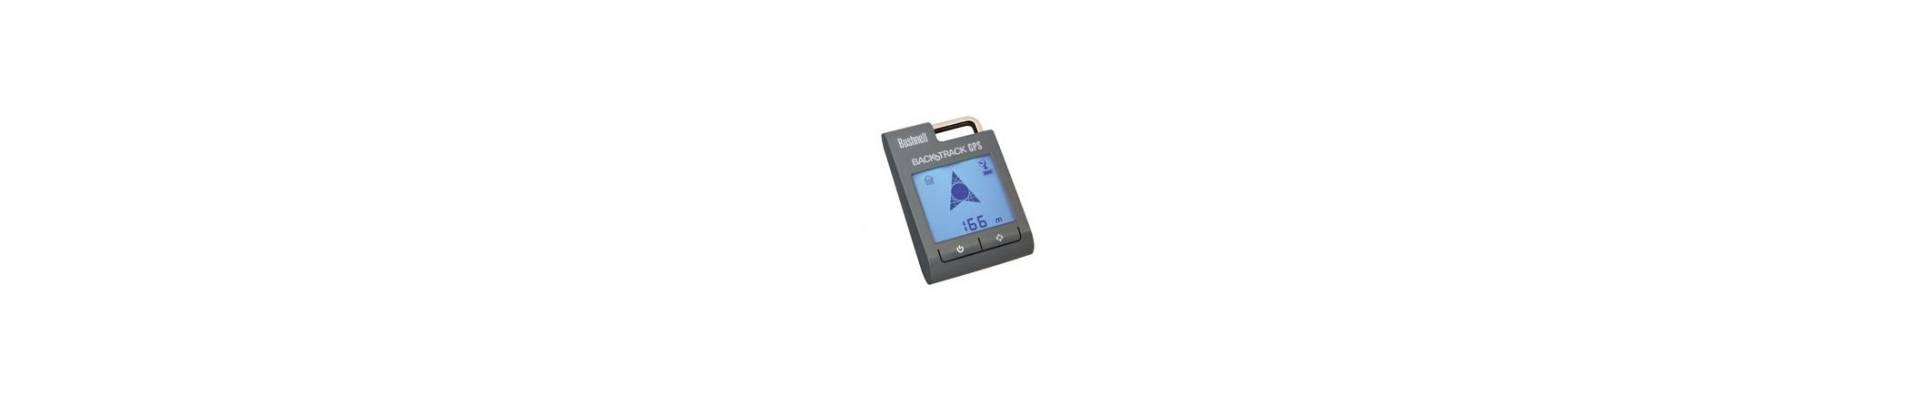 GPS-Posicionador